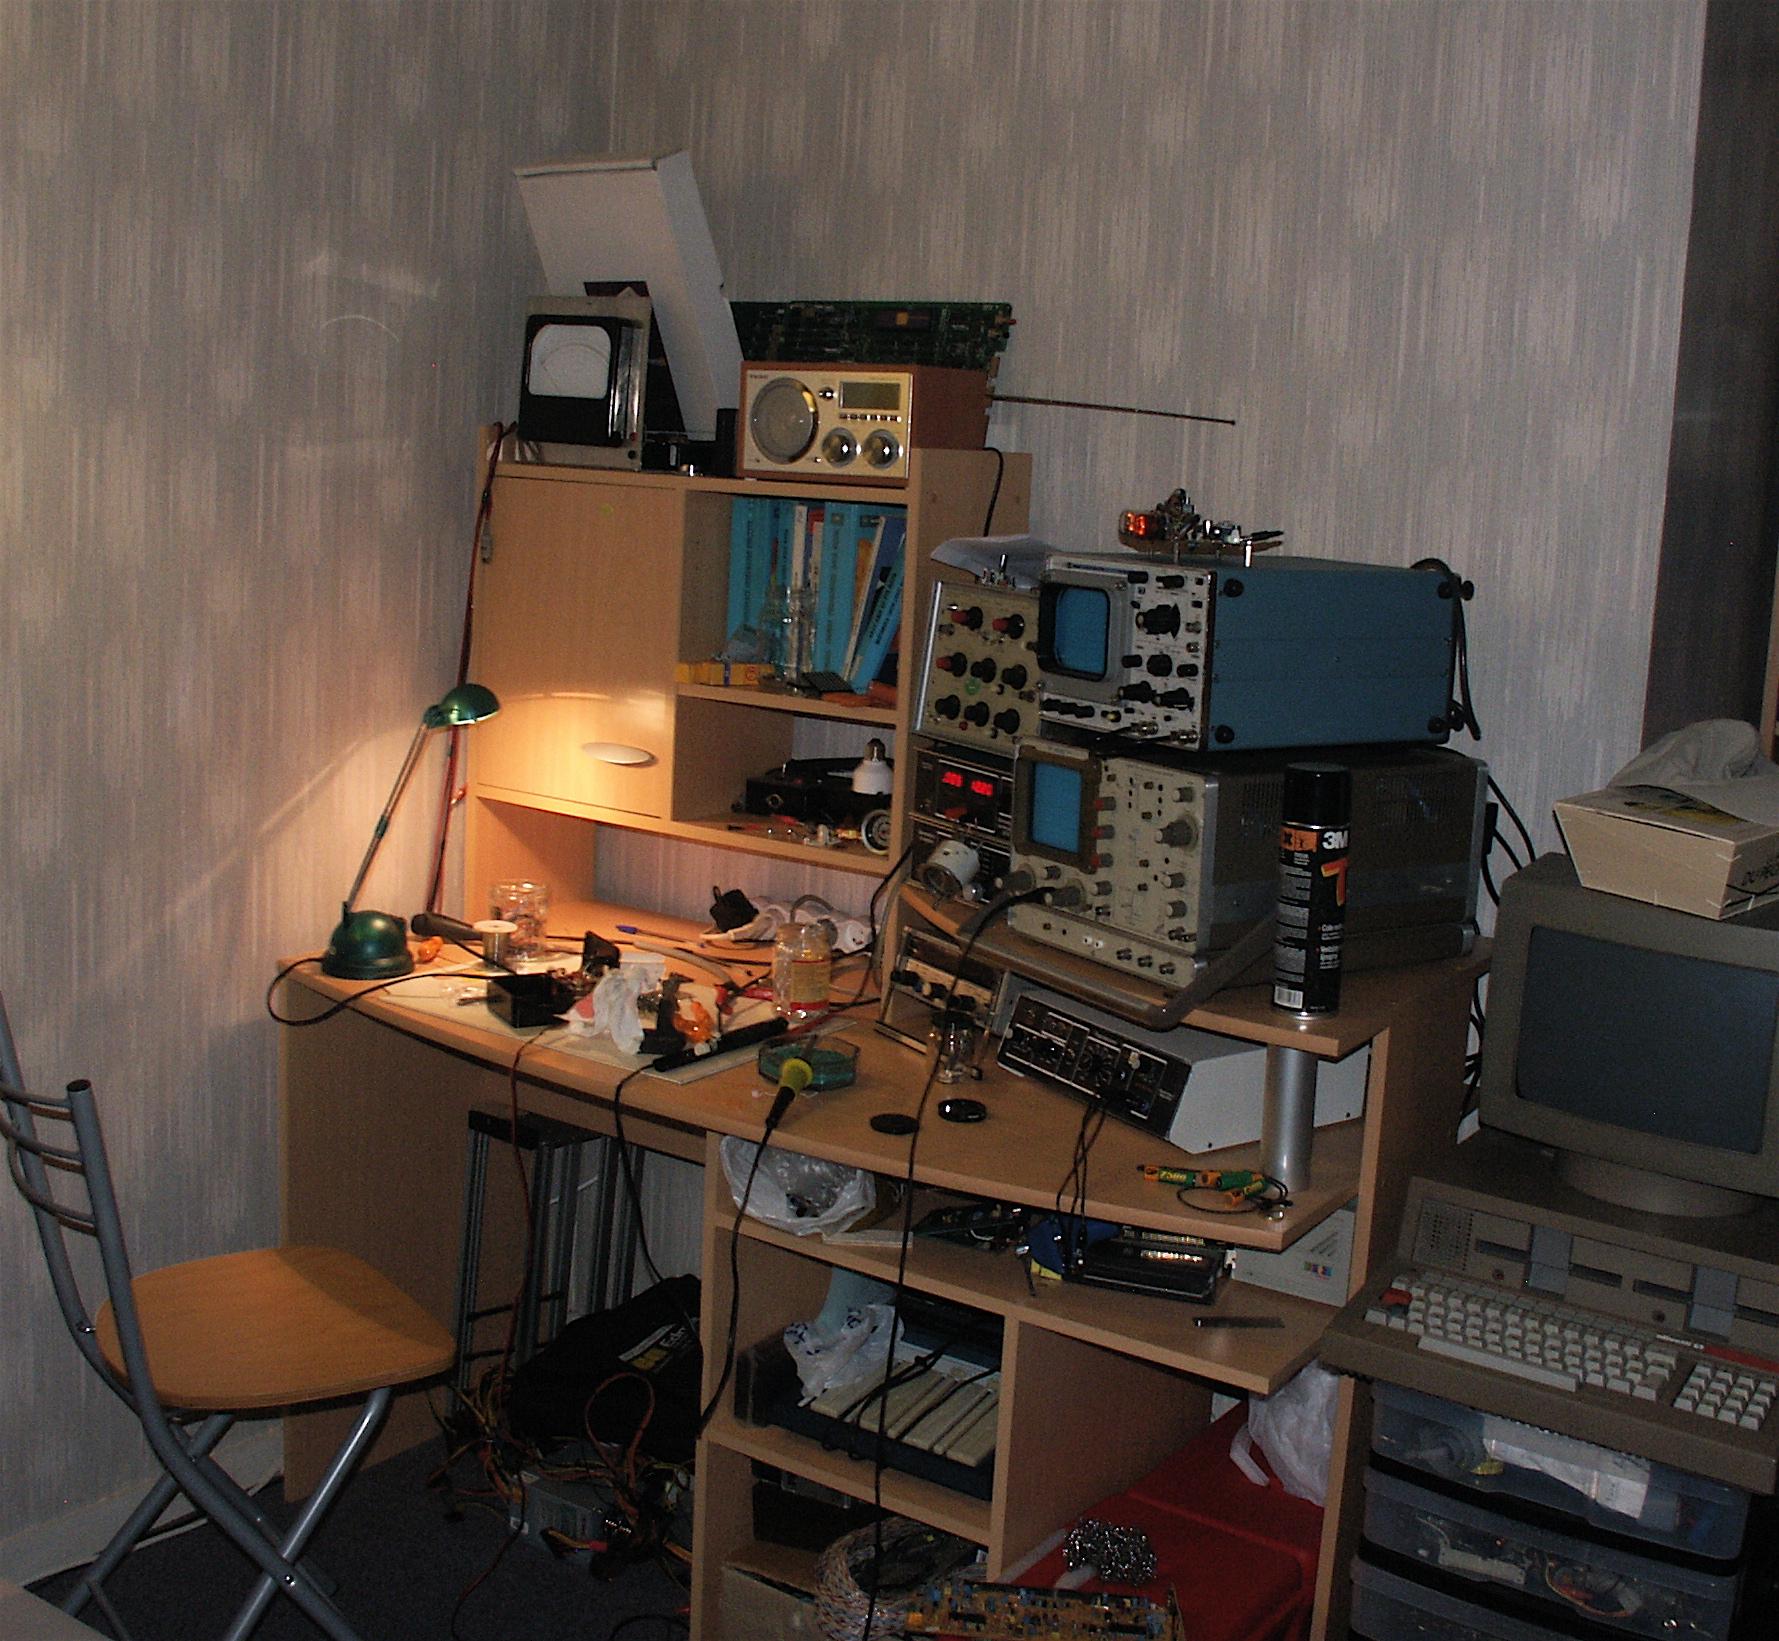 Elettronica Davide Bucci Grixit Forum Come Leggere I Circuiti Elettrici Su Il Mio Laboratorio